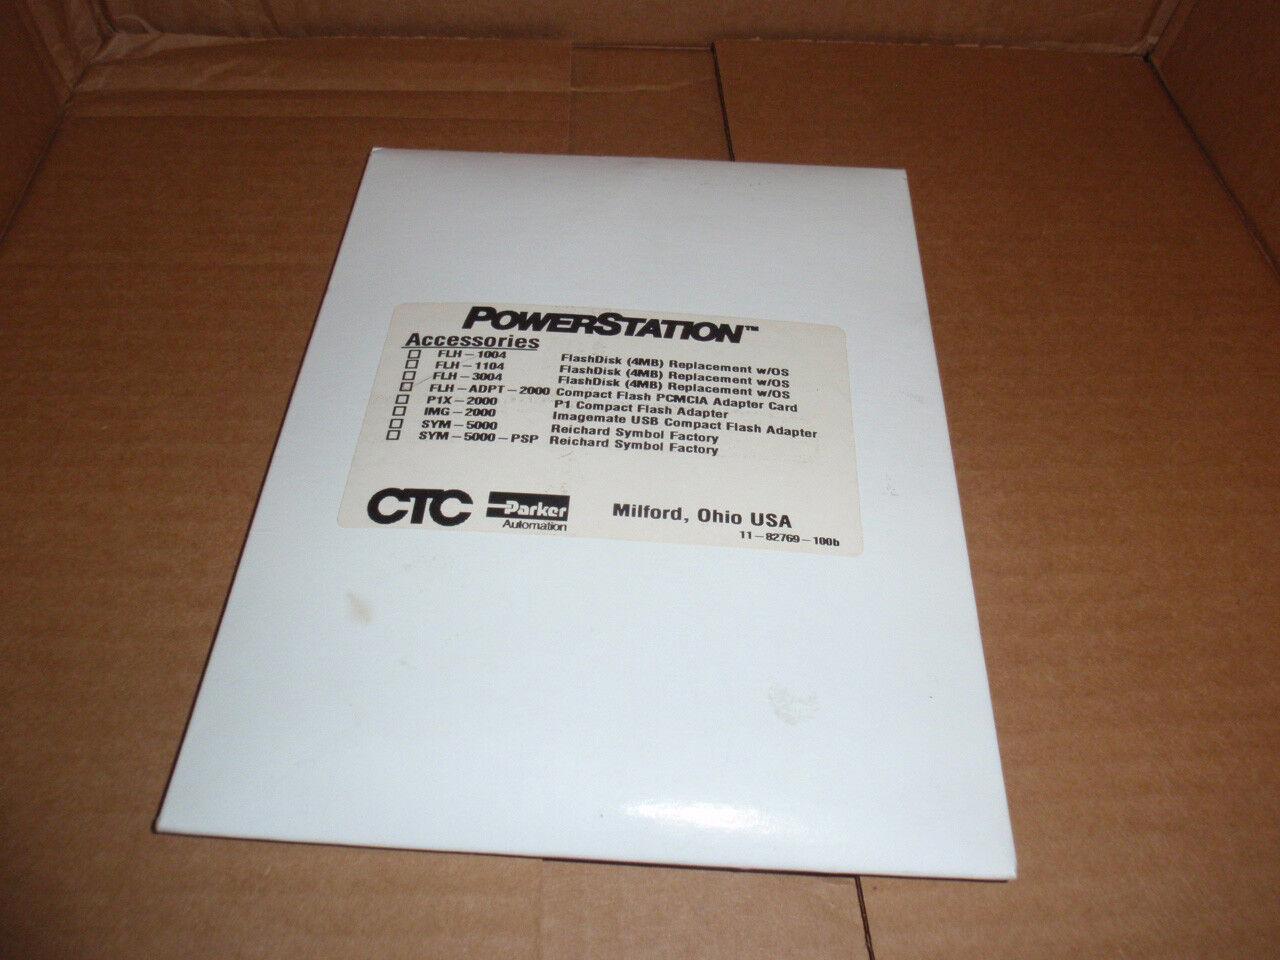 FLH-ADPT-2000 Parker CTC NEW I Box Compact Flash PCMCIA Adapter Card FLHADPT2000